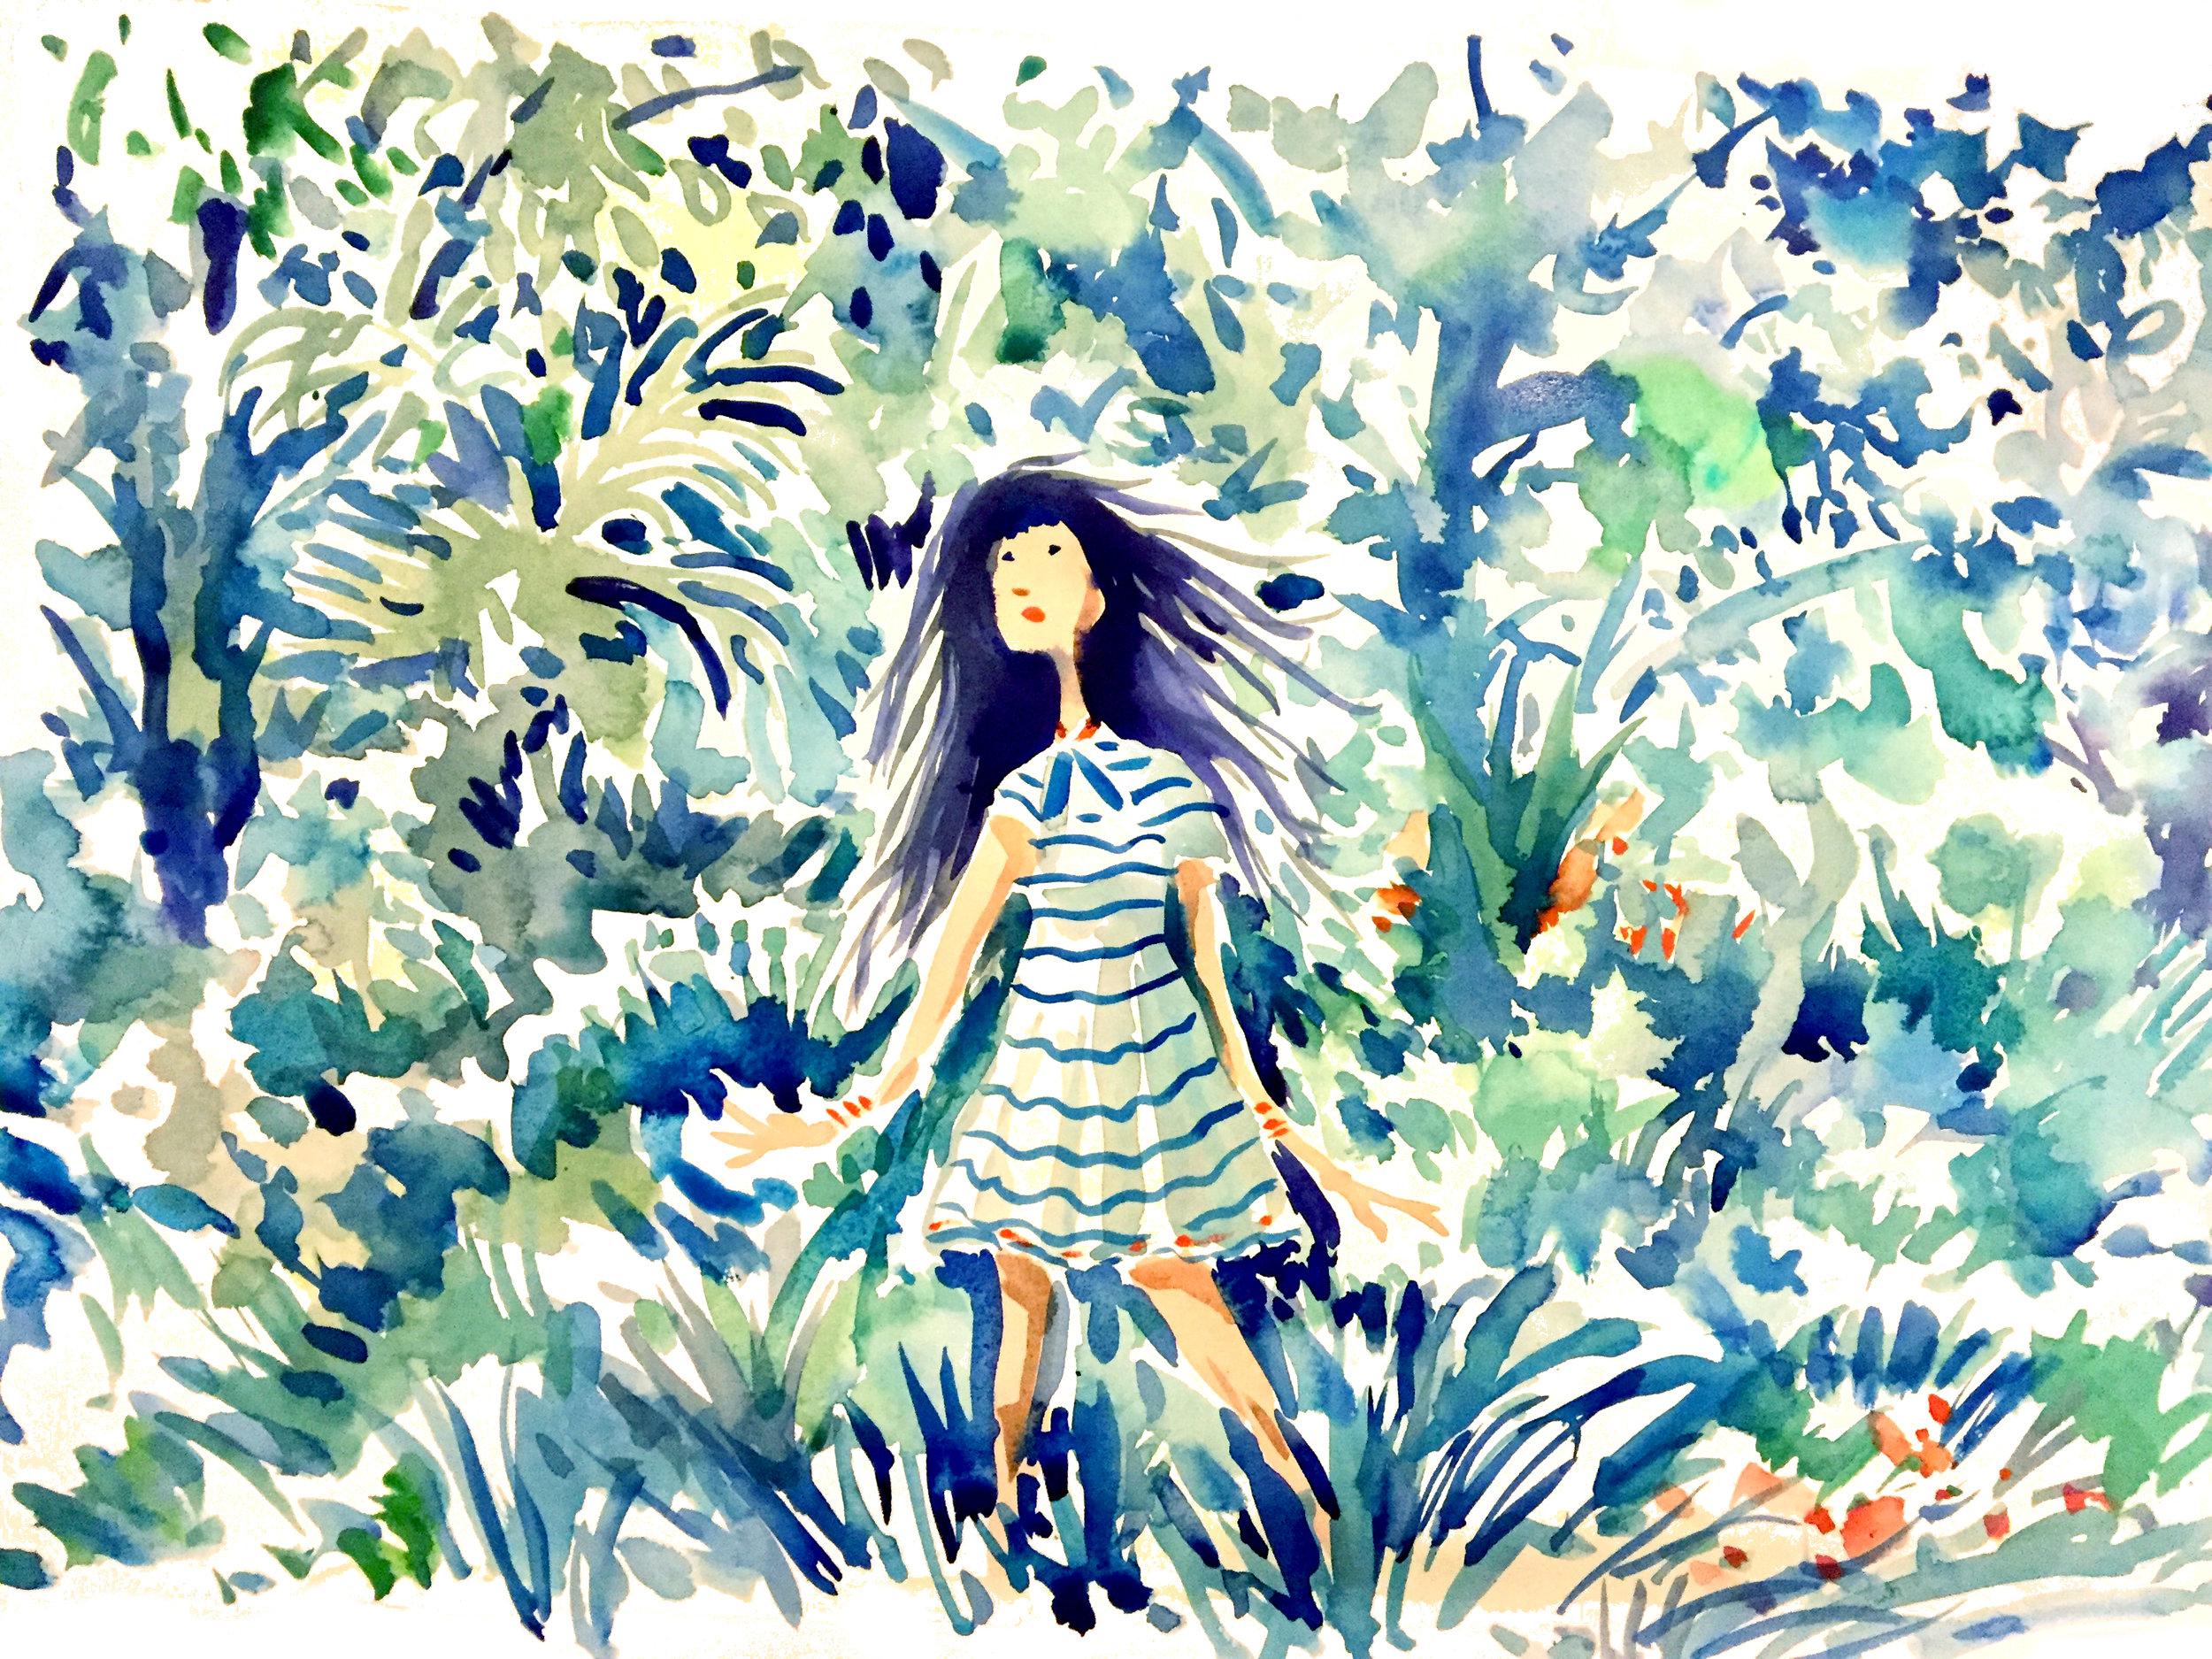 fille et nature.jpg